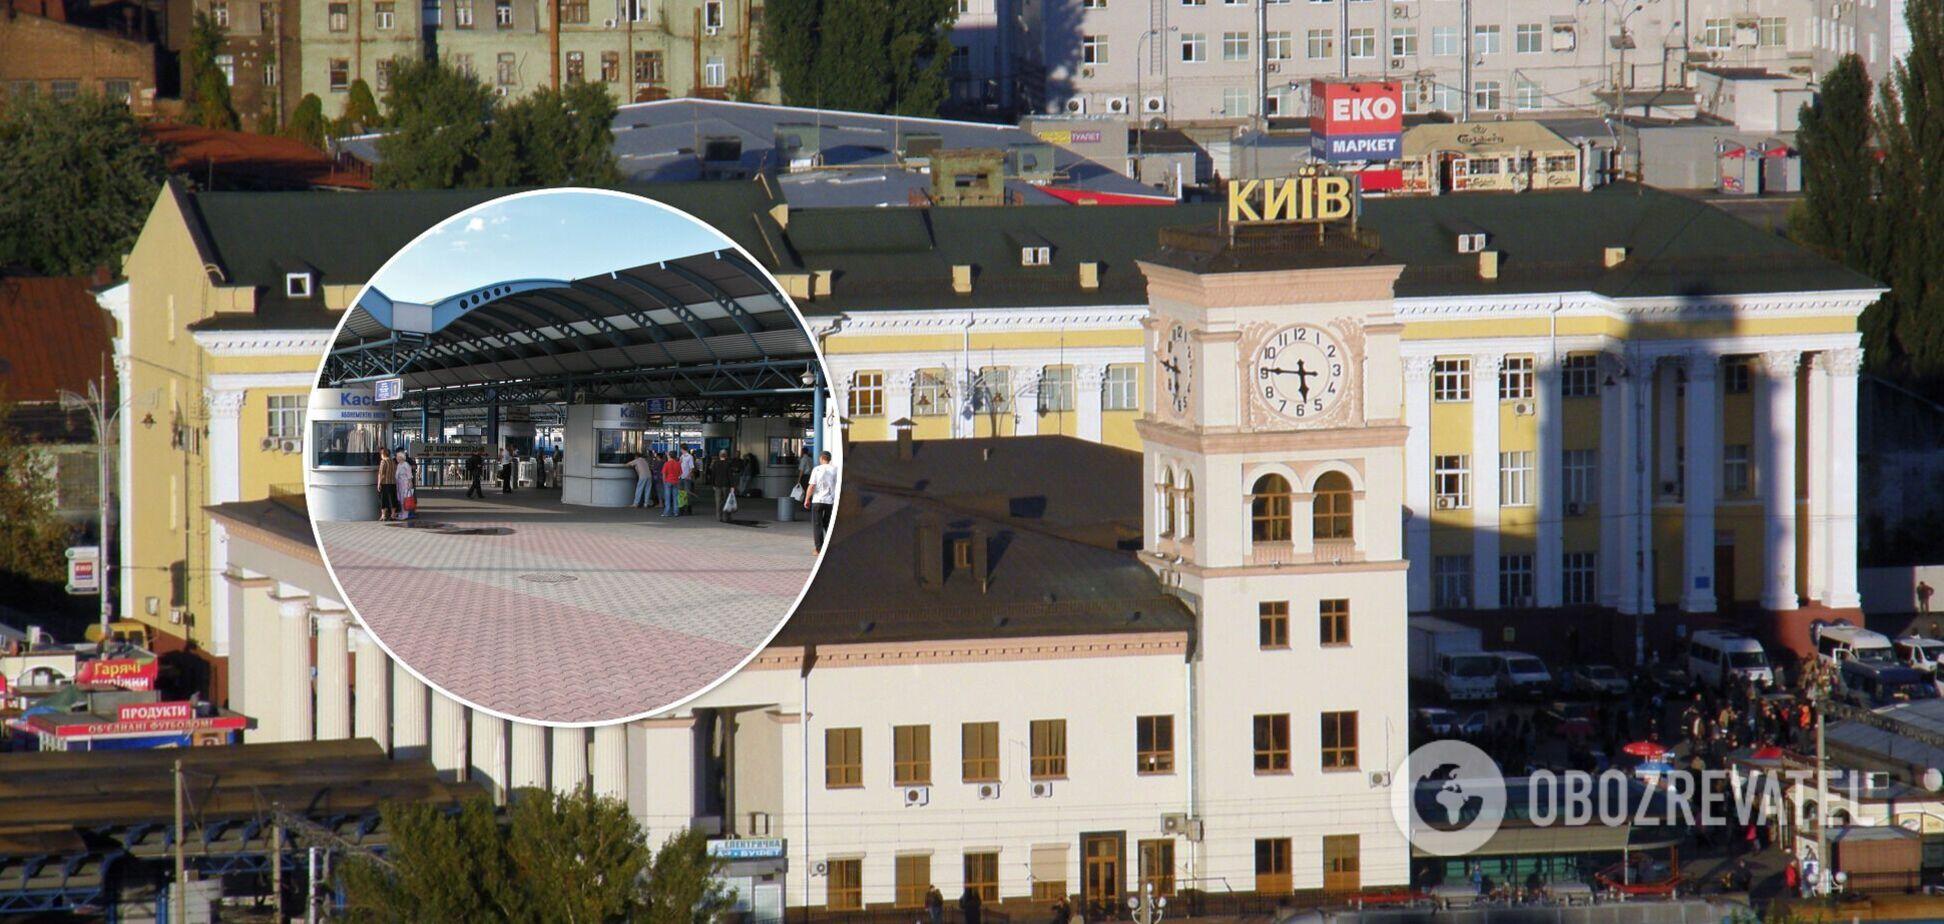 Служащего УЗ подозревают в растрате 750 тысяч гривен на ремонте Пригородного вокзала Киева